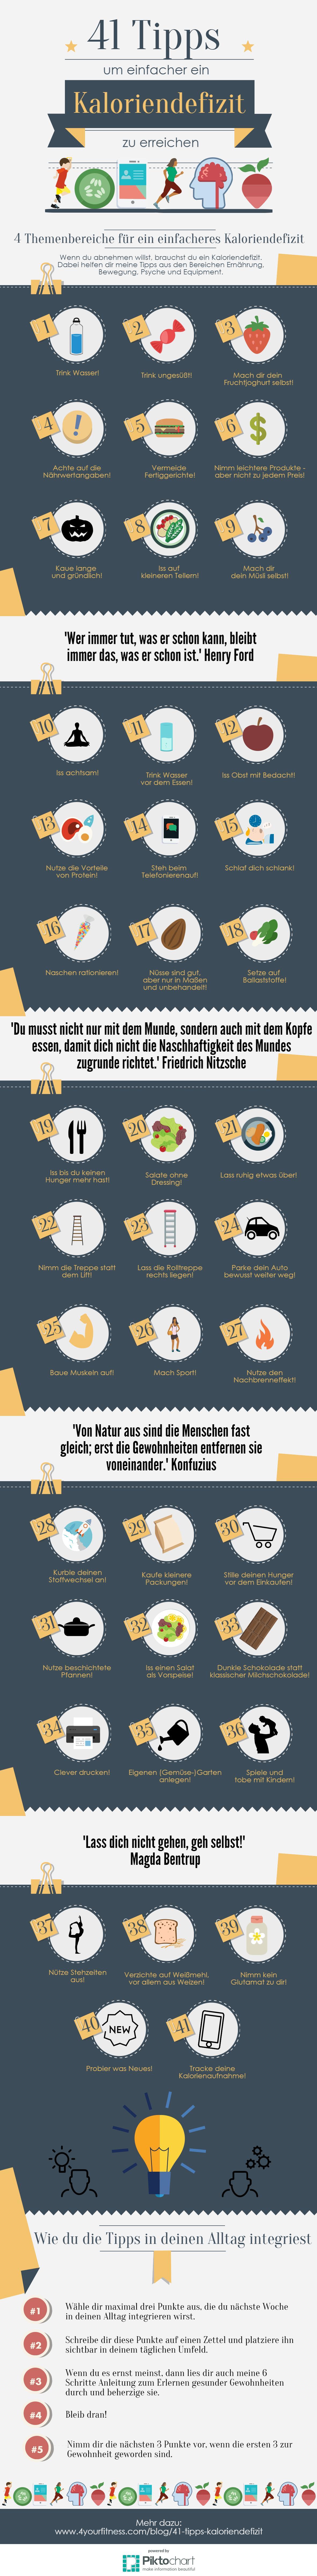 Die Infografik zur ultimativen Liste mit 41 Tipps, die dir dabei helfen, leichter ein Kaloriendefizit zu erreichen.